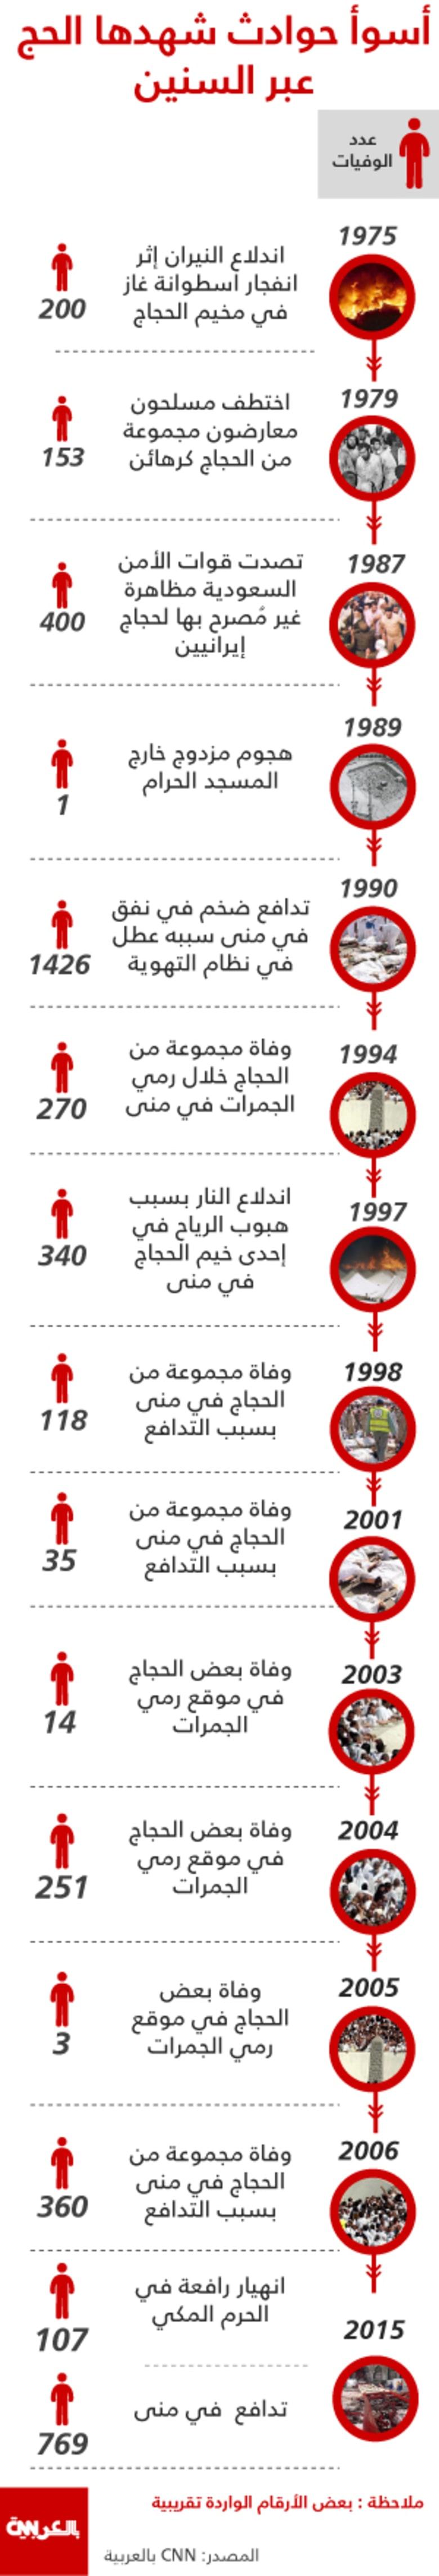 تسلسل زمني.. 15 مأساة في مواسم الحج خلال 40 عاماً